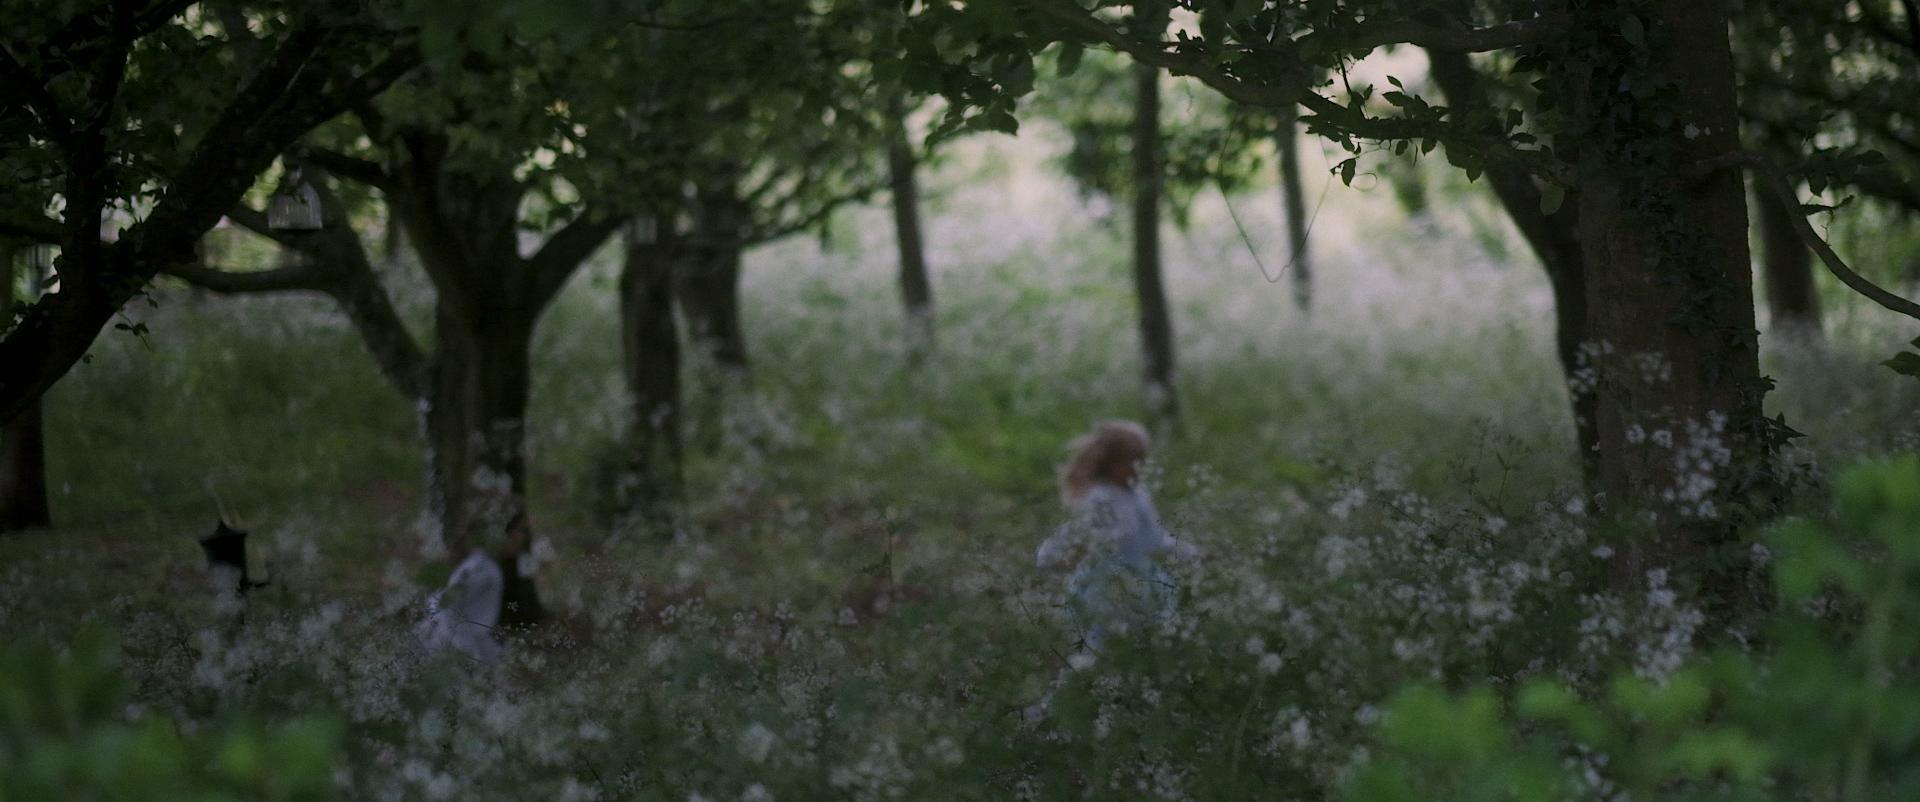 Trailer.00_03_26_23.Still021.jpg